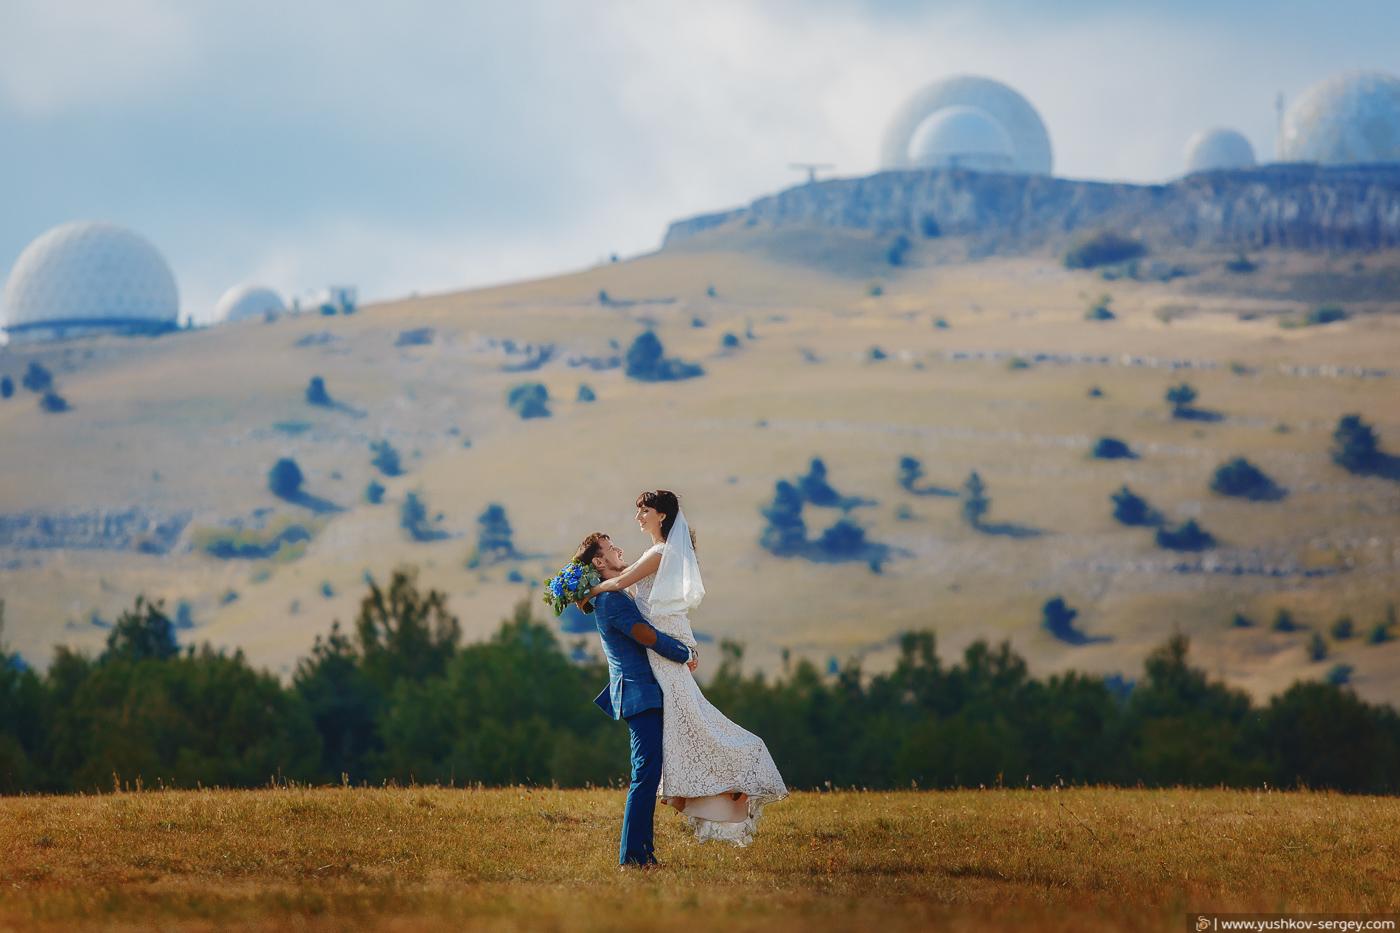 Wedding in Crimea – Ai-Petri and Massandra palace